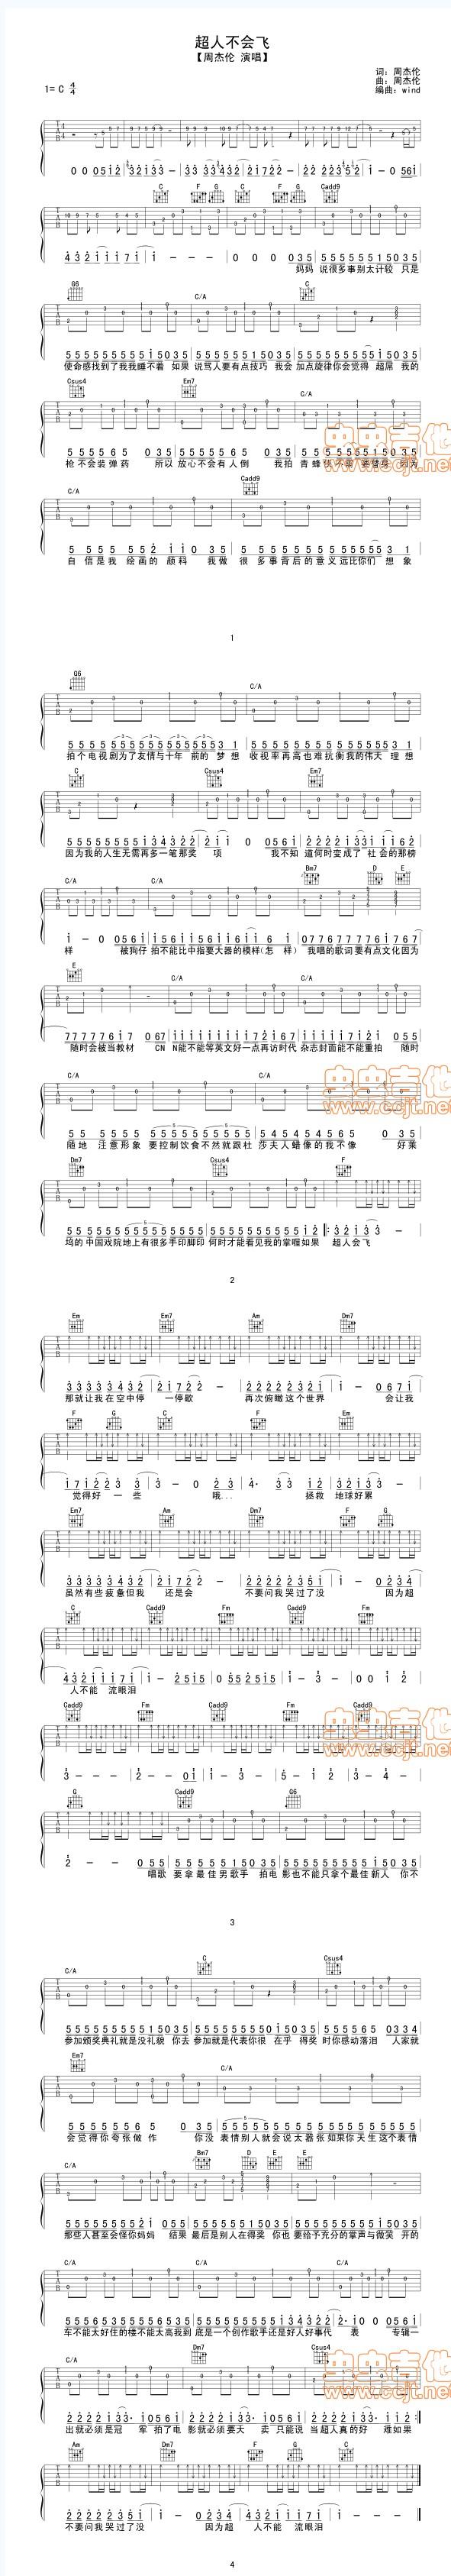 超人不会飞,周杰伦的吉他谱 - 彼岸吉他中国第一吉他图片